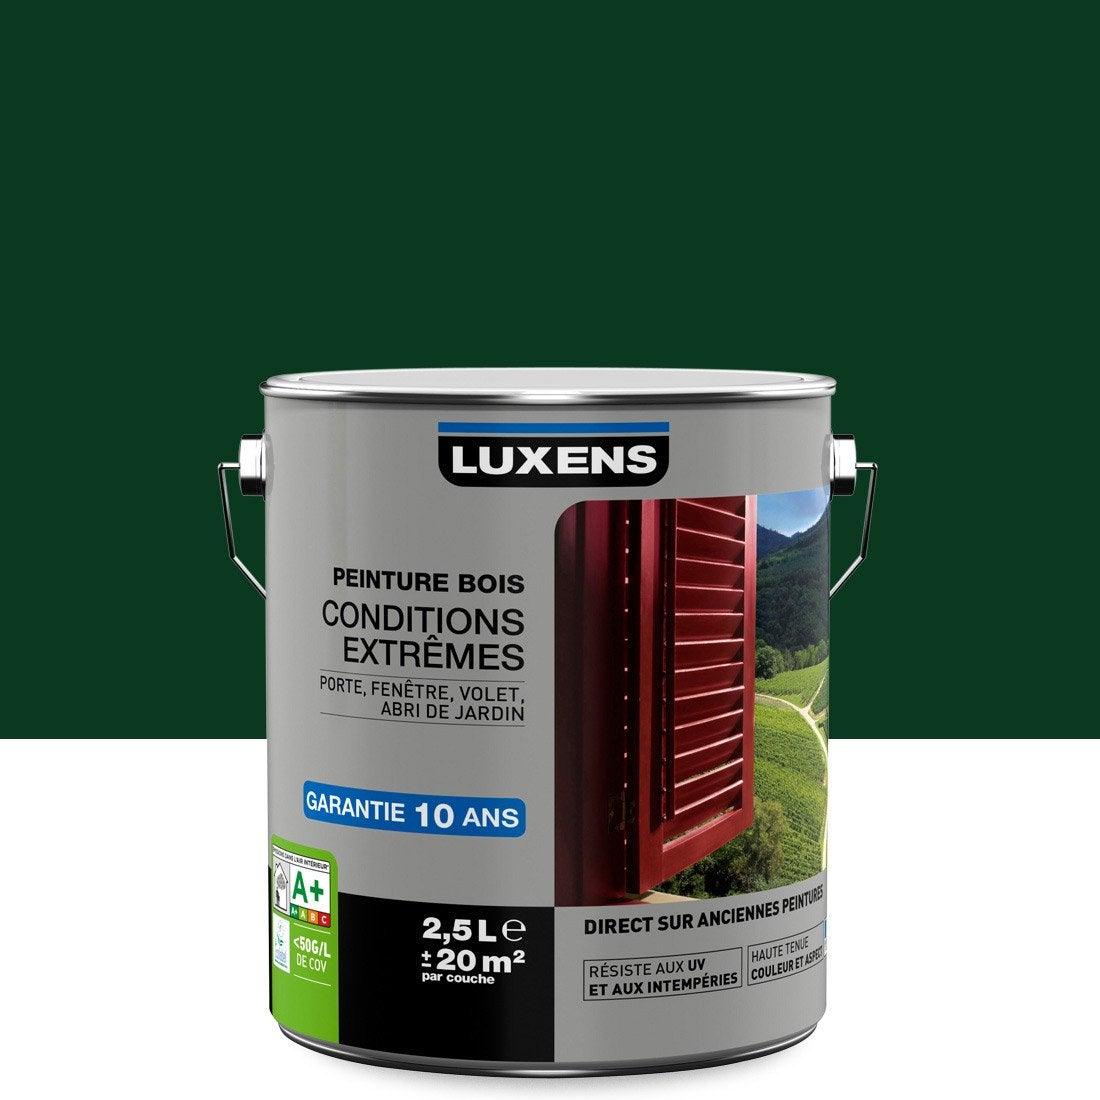 Peinture Bois Extérieur Conditions Extrêmes Luxens Vert Sapin 25